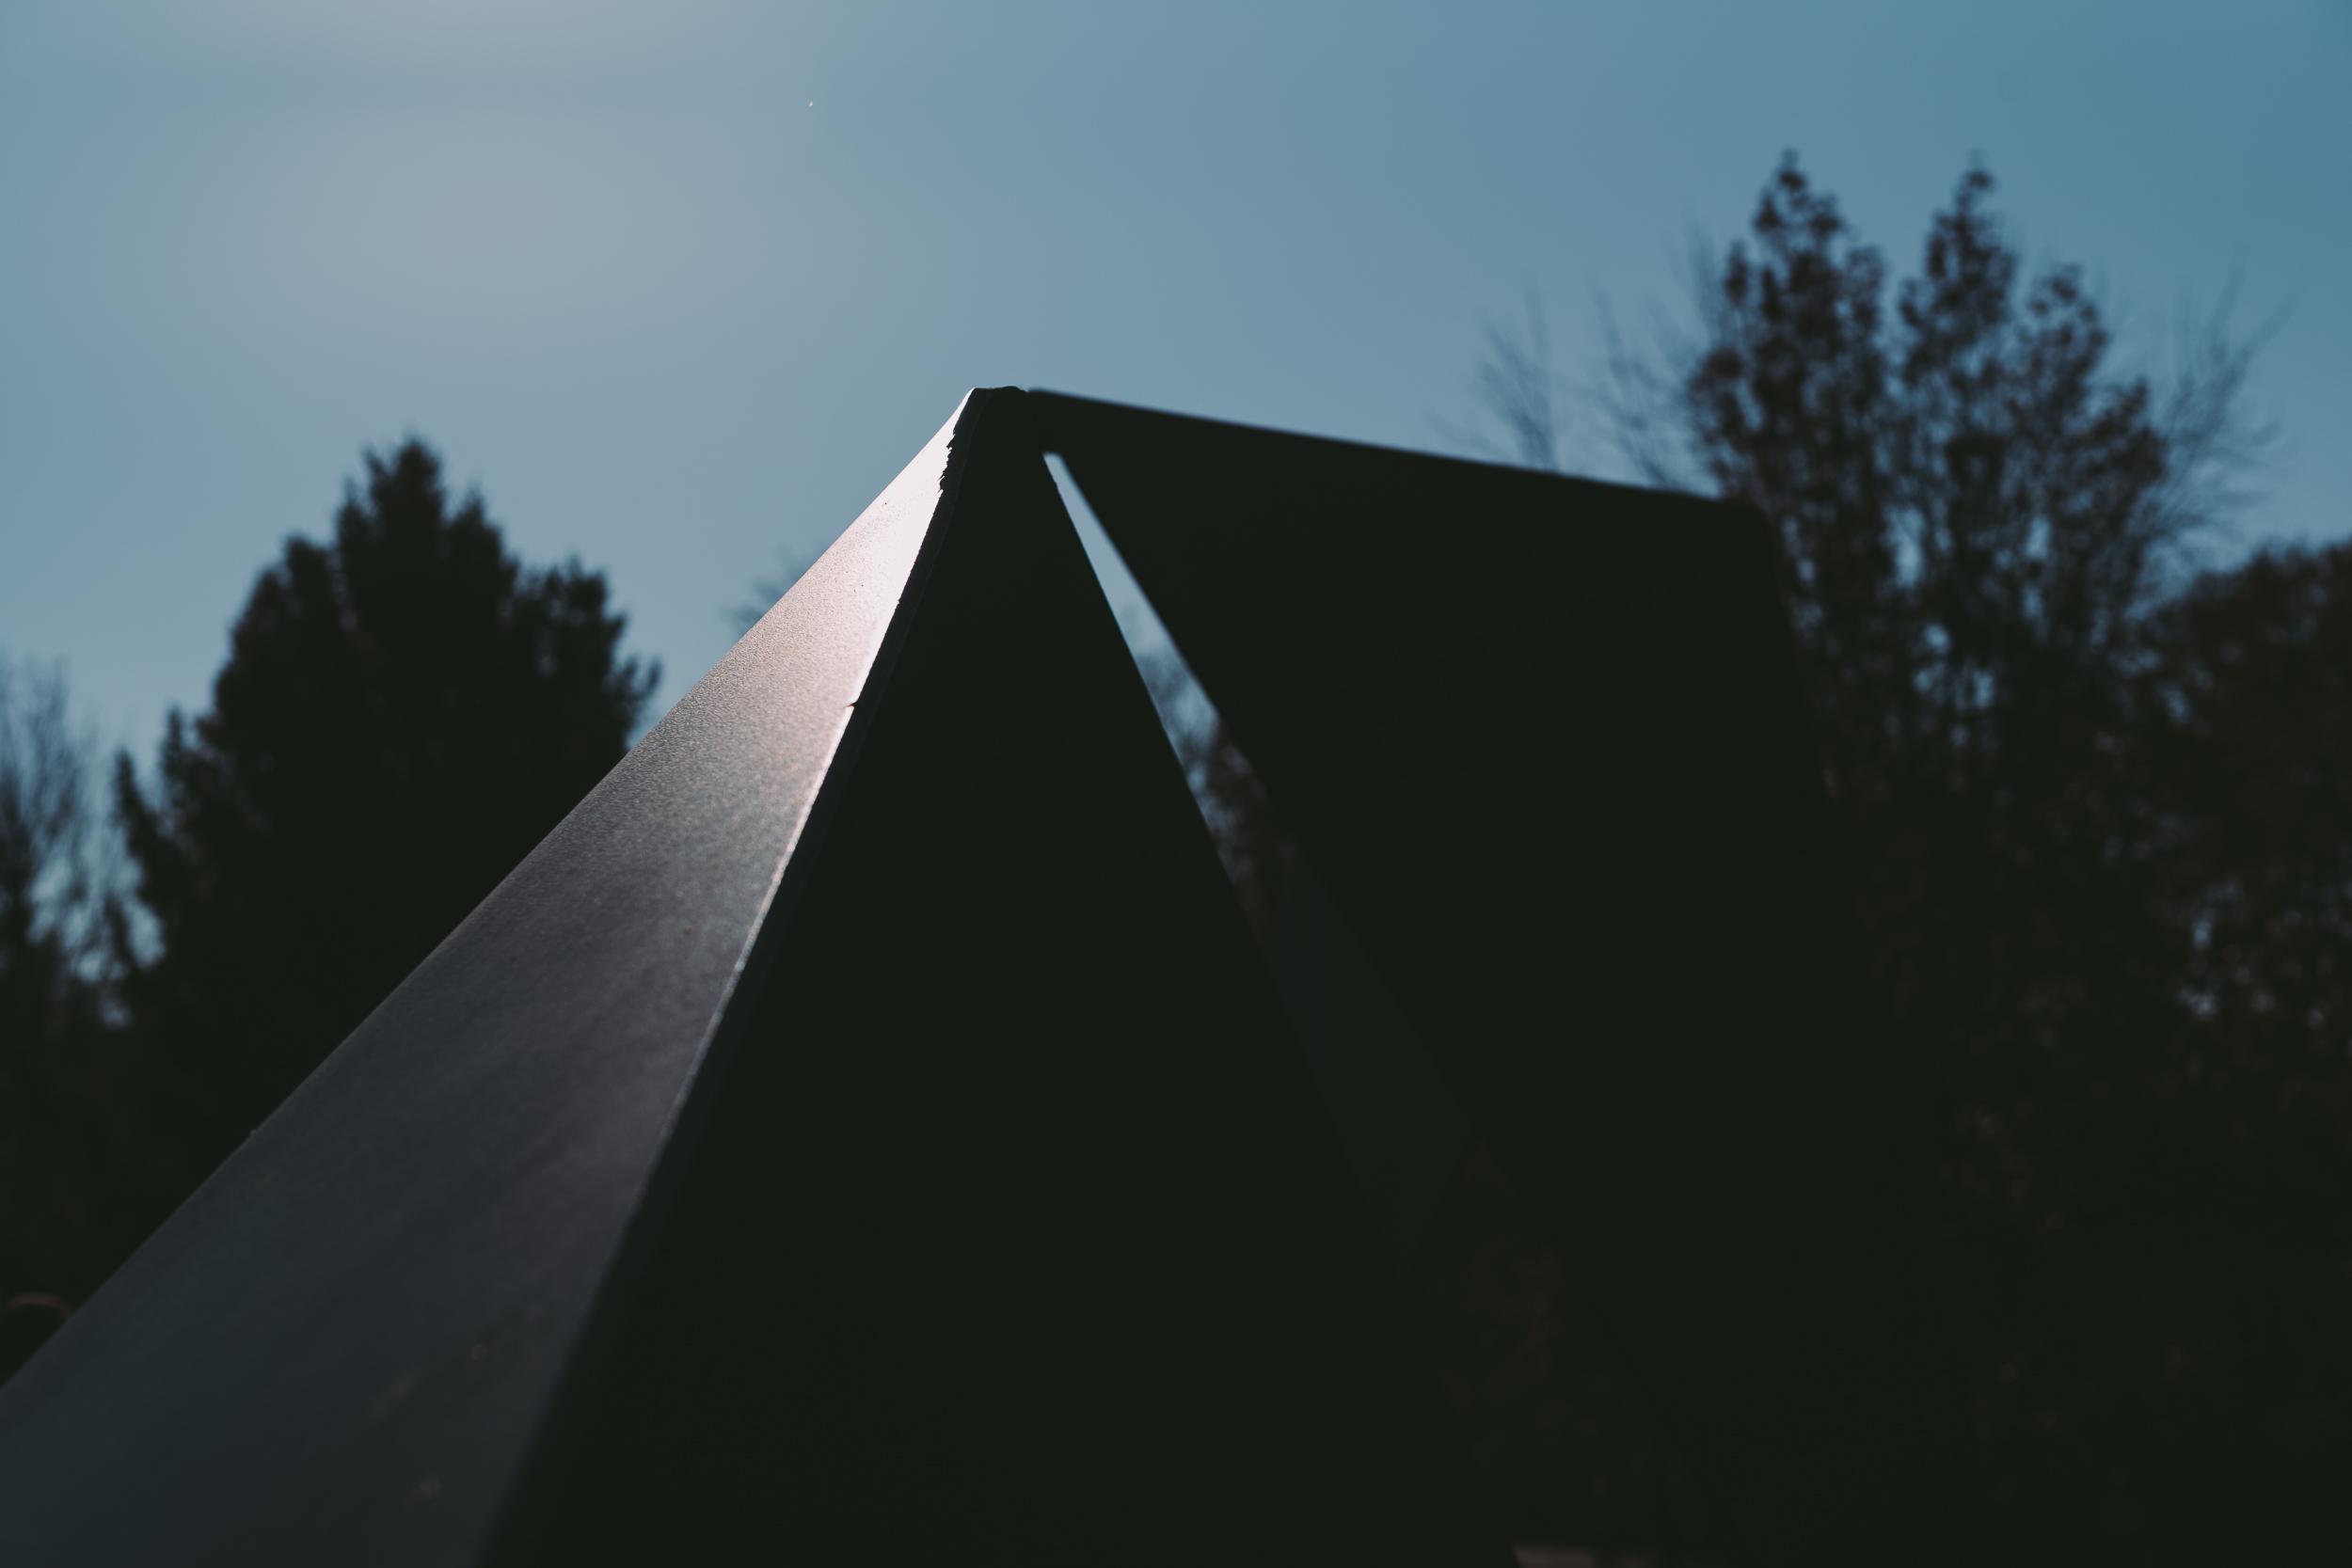 Leica M, 50mm Noctilux, 1/4000 sec, ISO 100